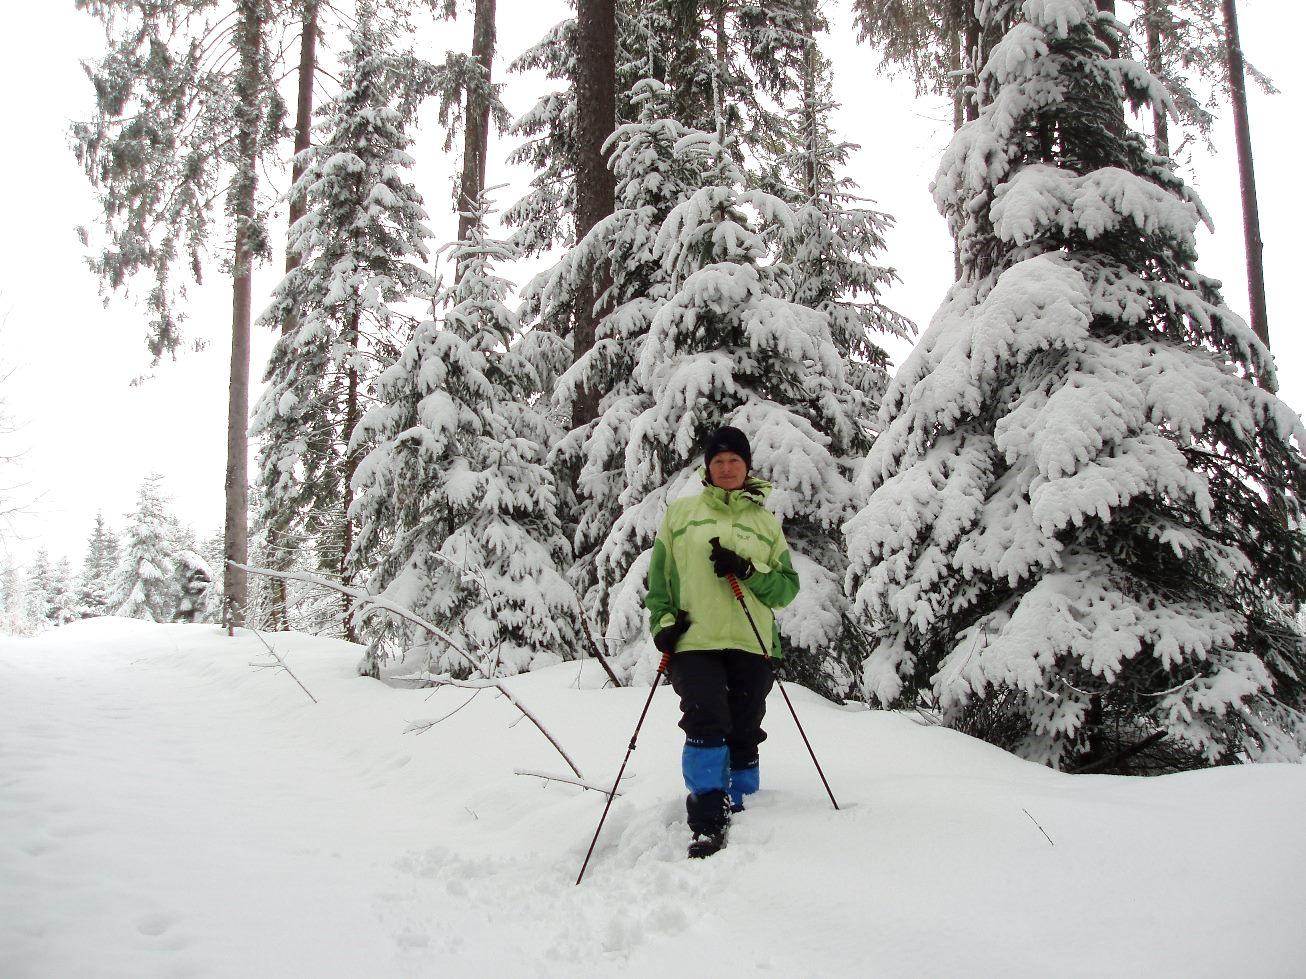 Wanderung durch den verschneiten Wald